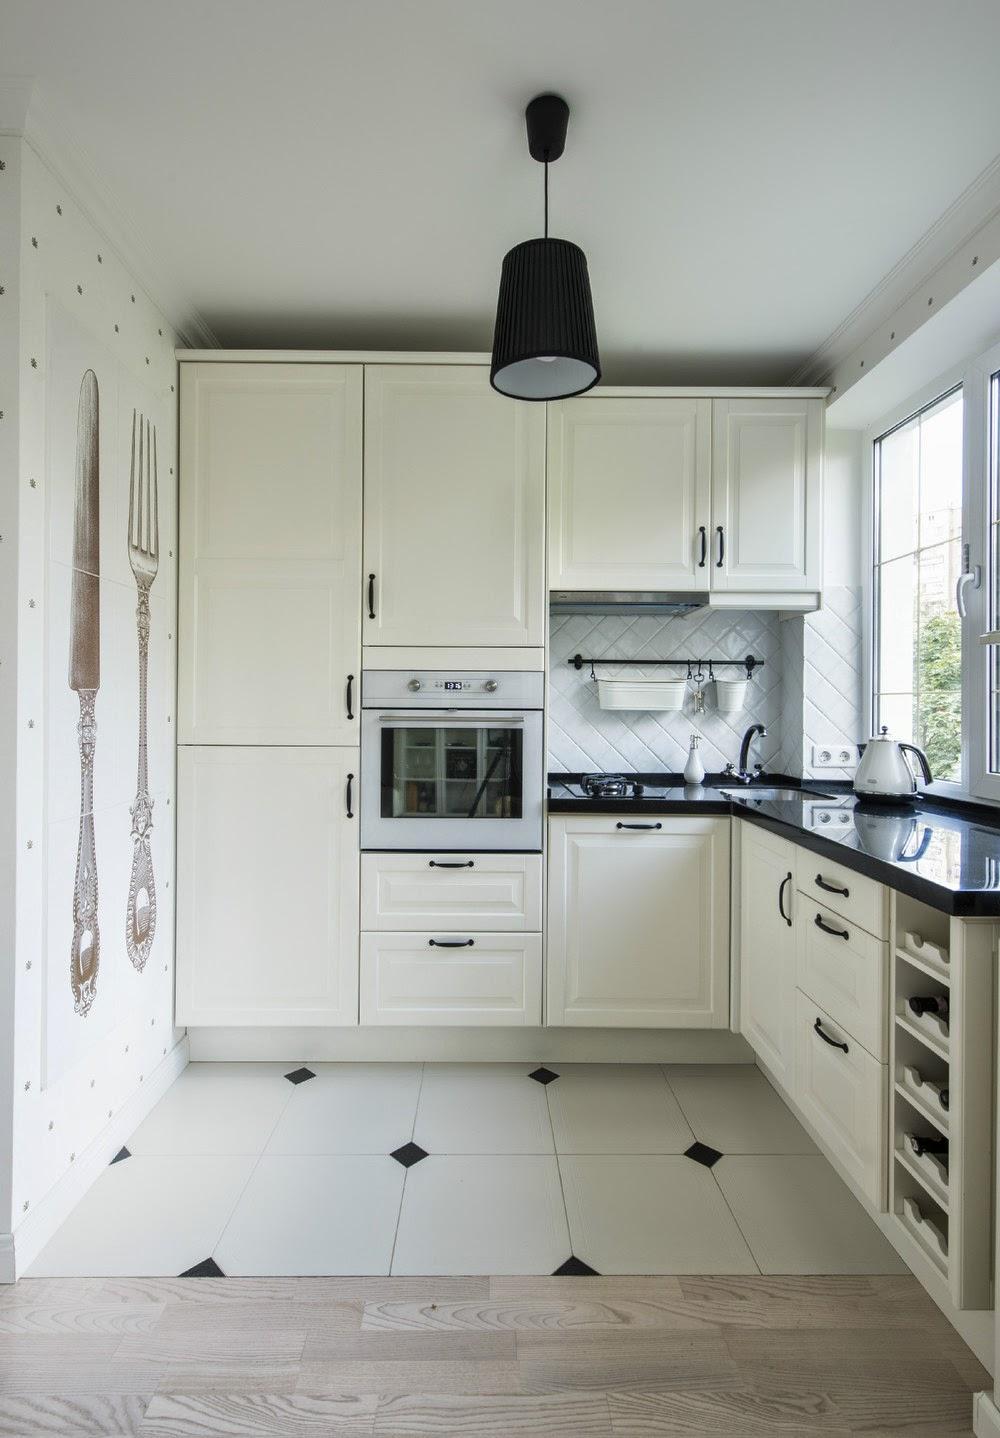 Угловая кухня в интерьере двухкомнатной квартиры